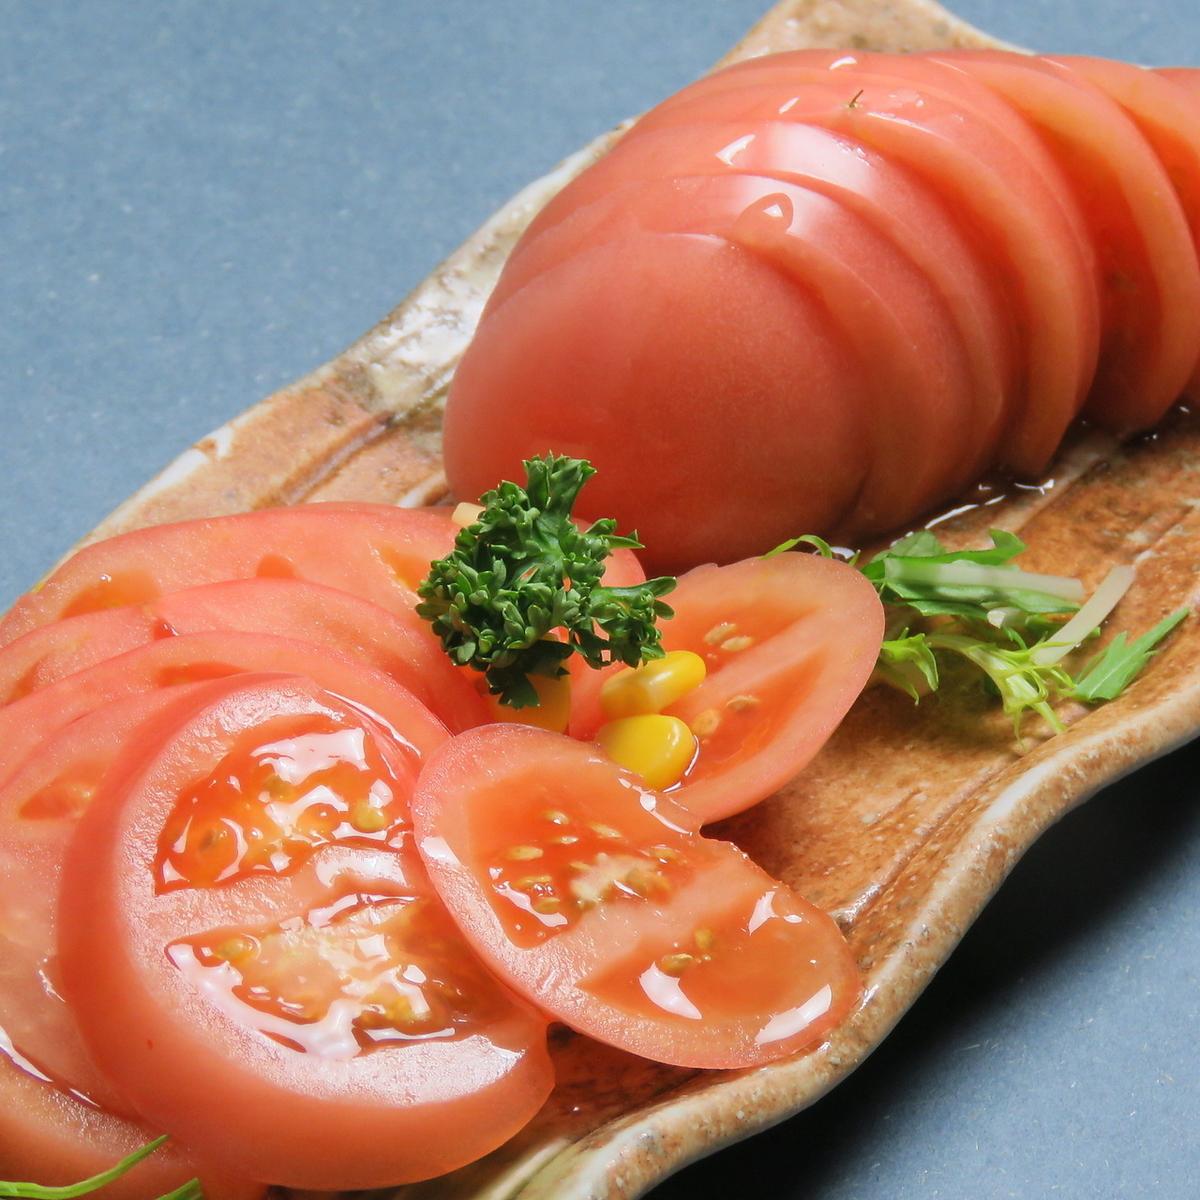 토마토 슬라이스 / 타코 야끼 (5 개) / 오징어 낫토